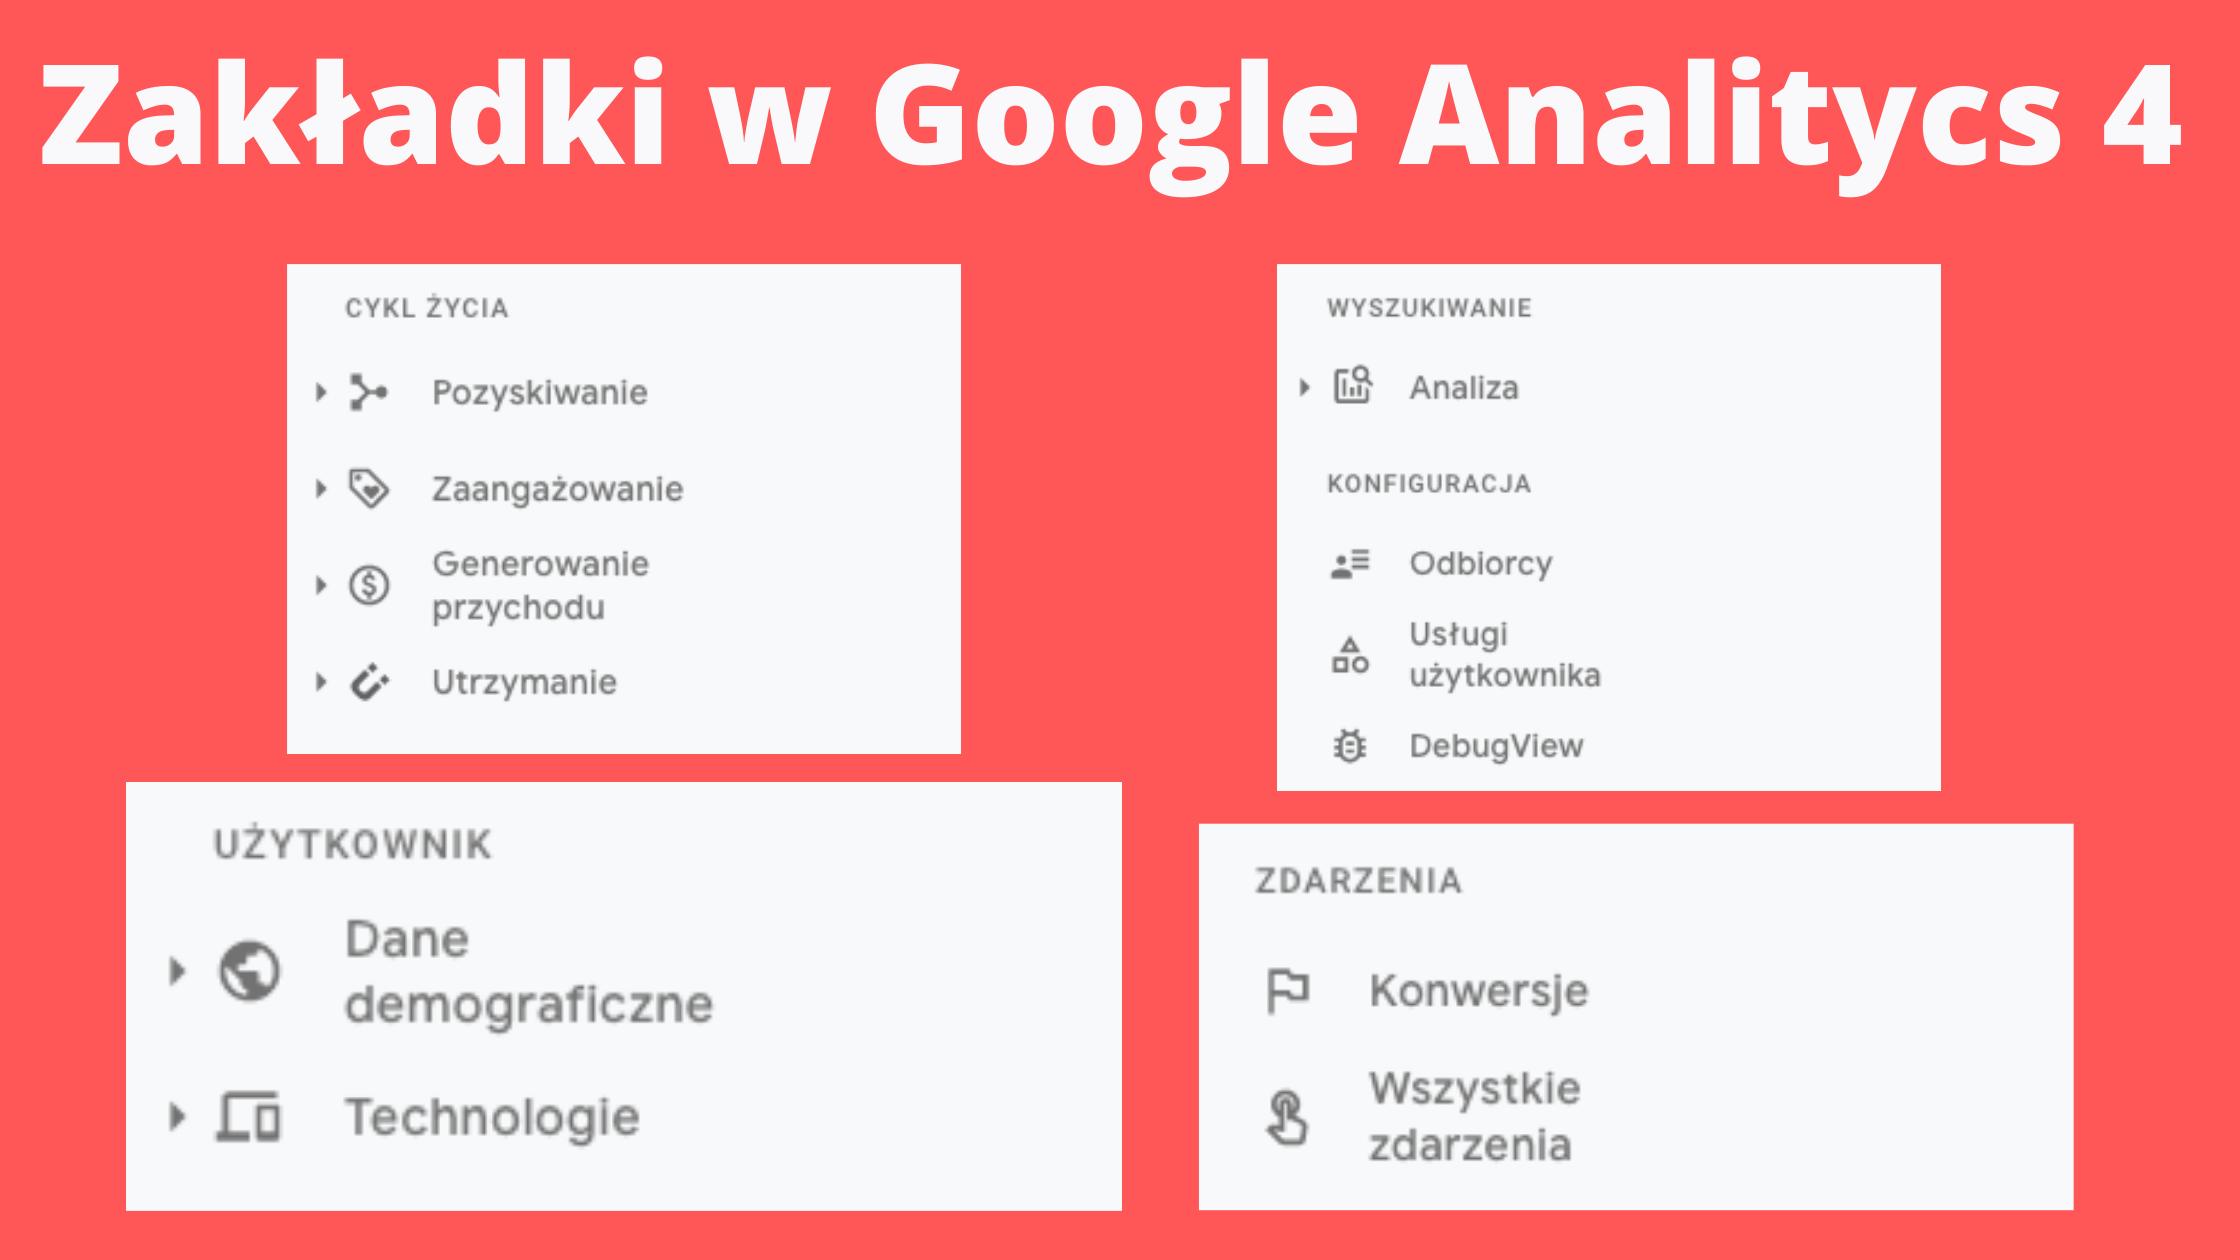 zakładki w google analitycs 4